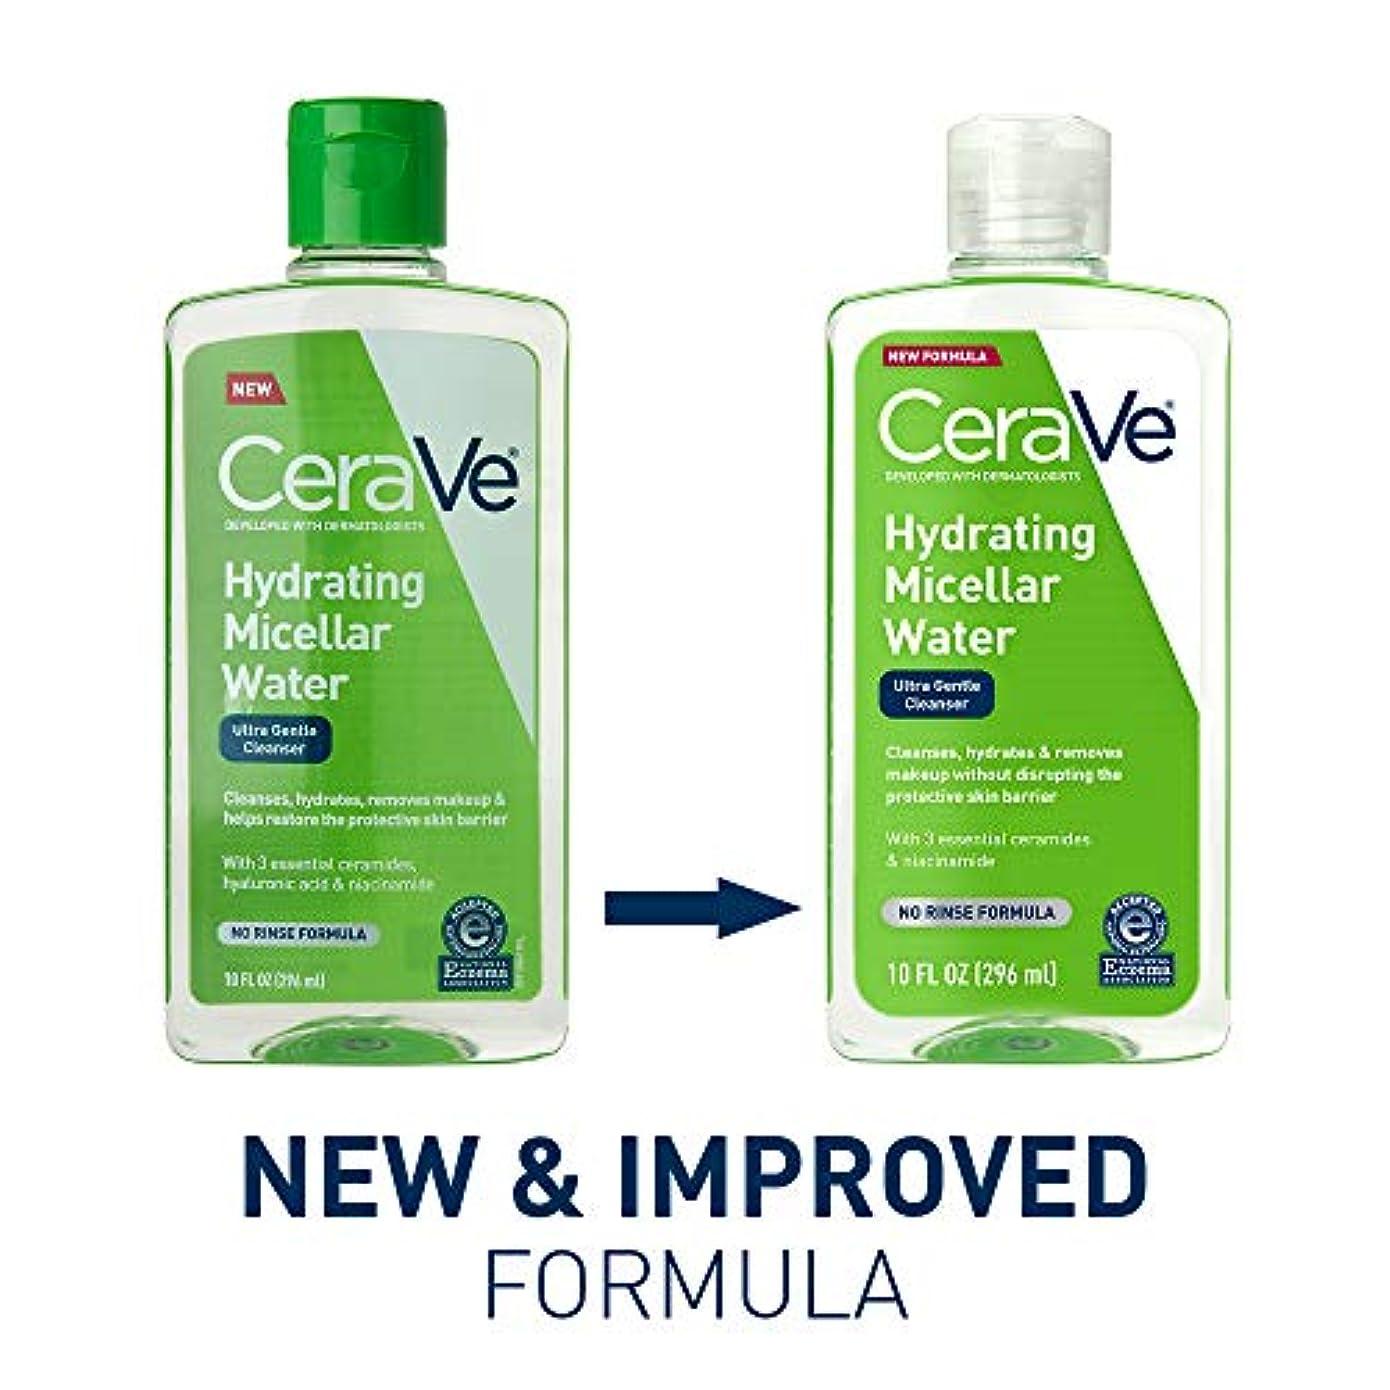 調整する性格若いセラビィ ジェントルクレンジングウォーター 10オンスCeraVe Hydrating Micellar Cleansing Water, Ultra Gentle Cleanser and Makeup Remover...